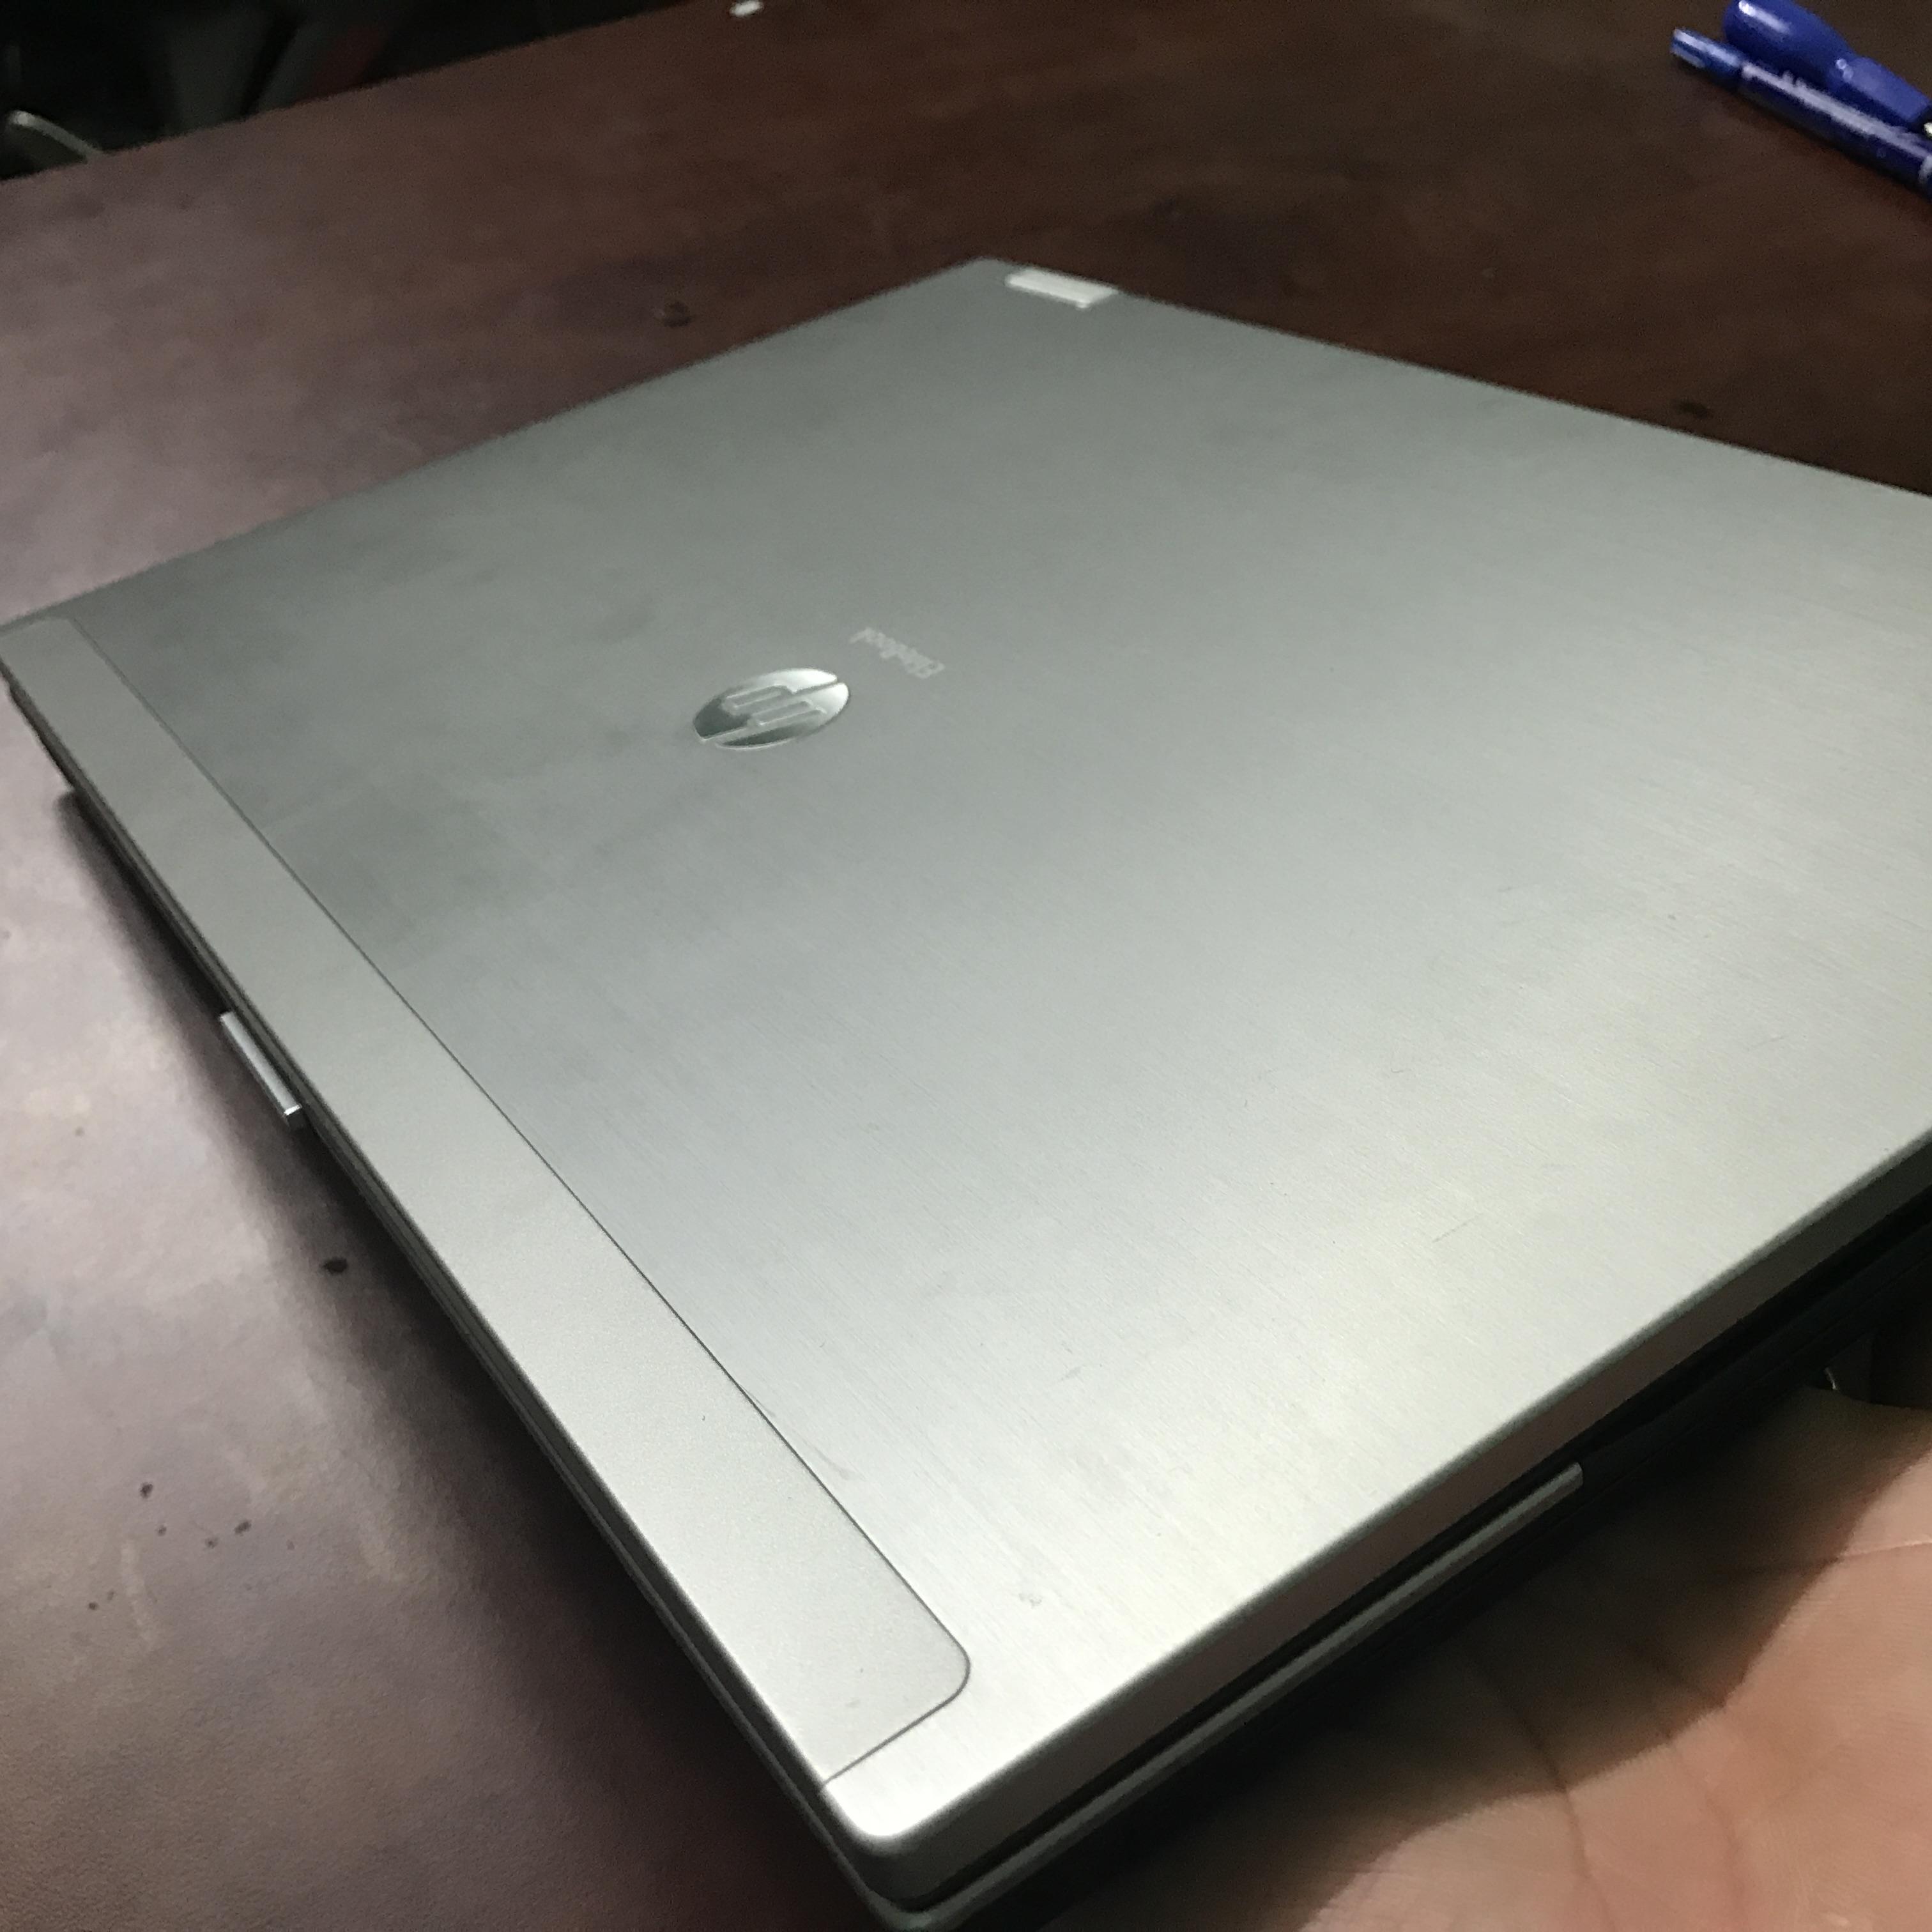 Bán Laptop cũ HP 8440p xách tay giá rẻ tại TPHCM